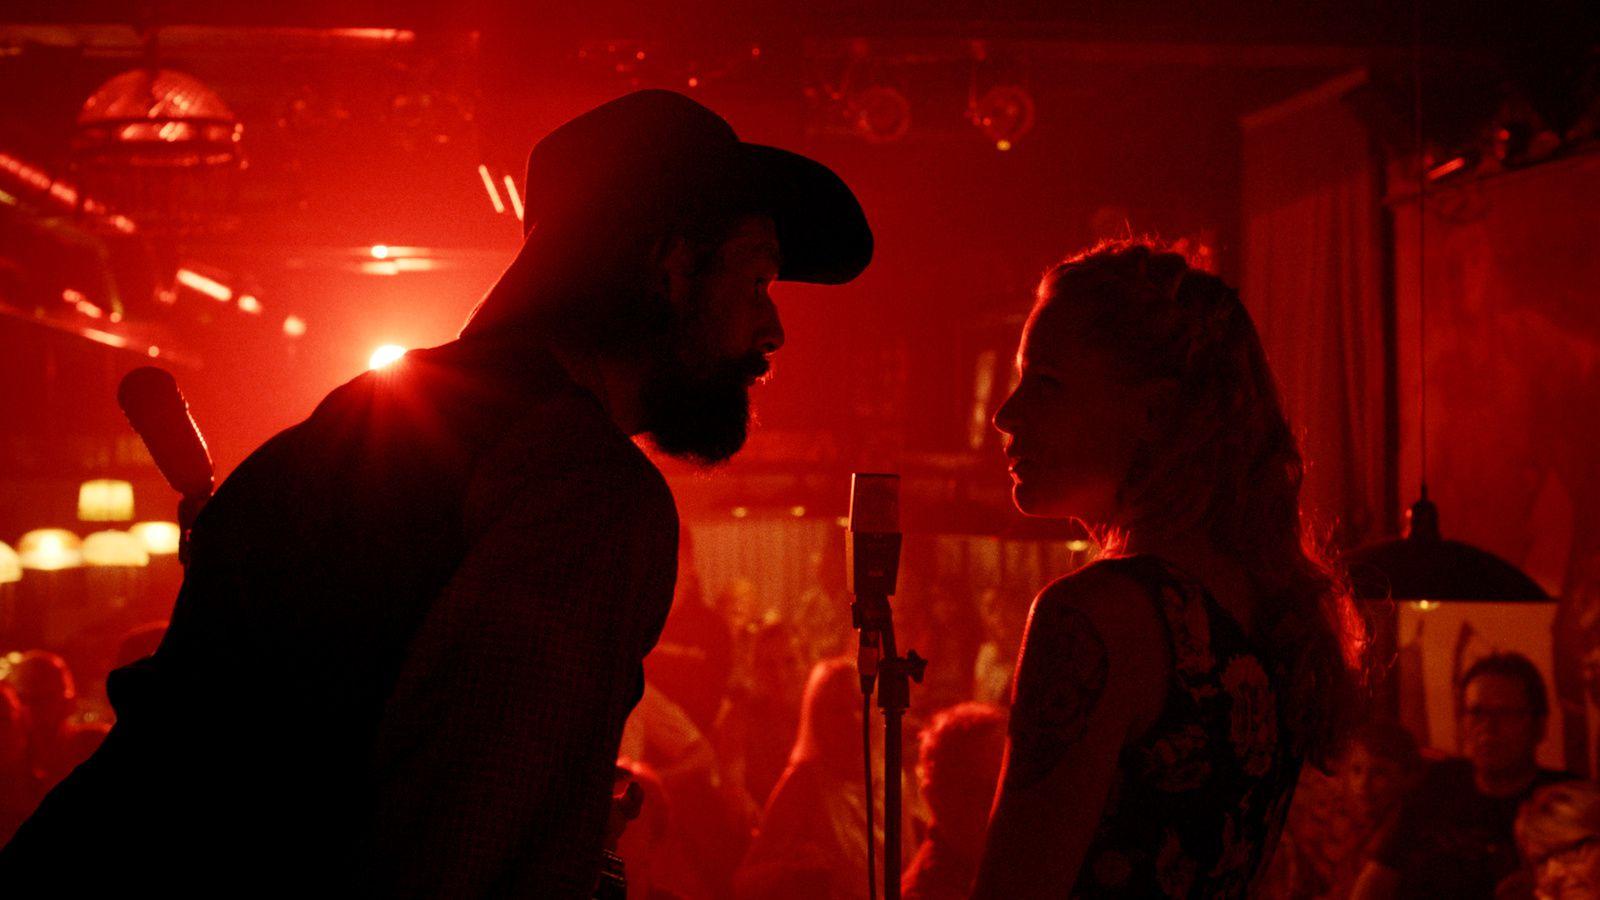 Via: tribecafilm.com